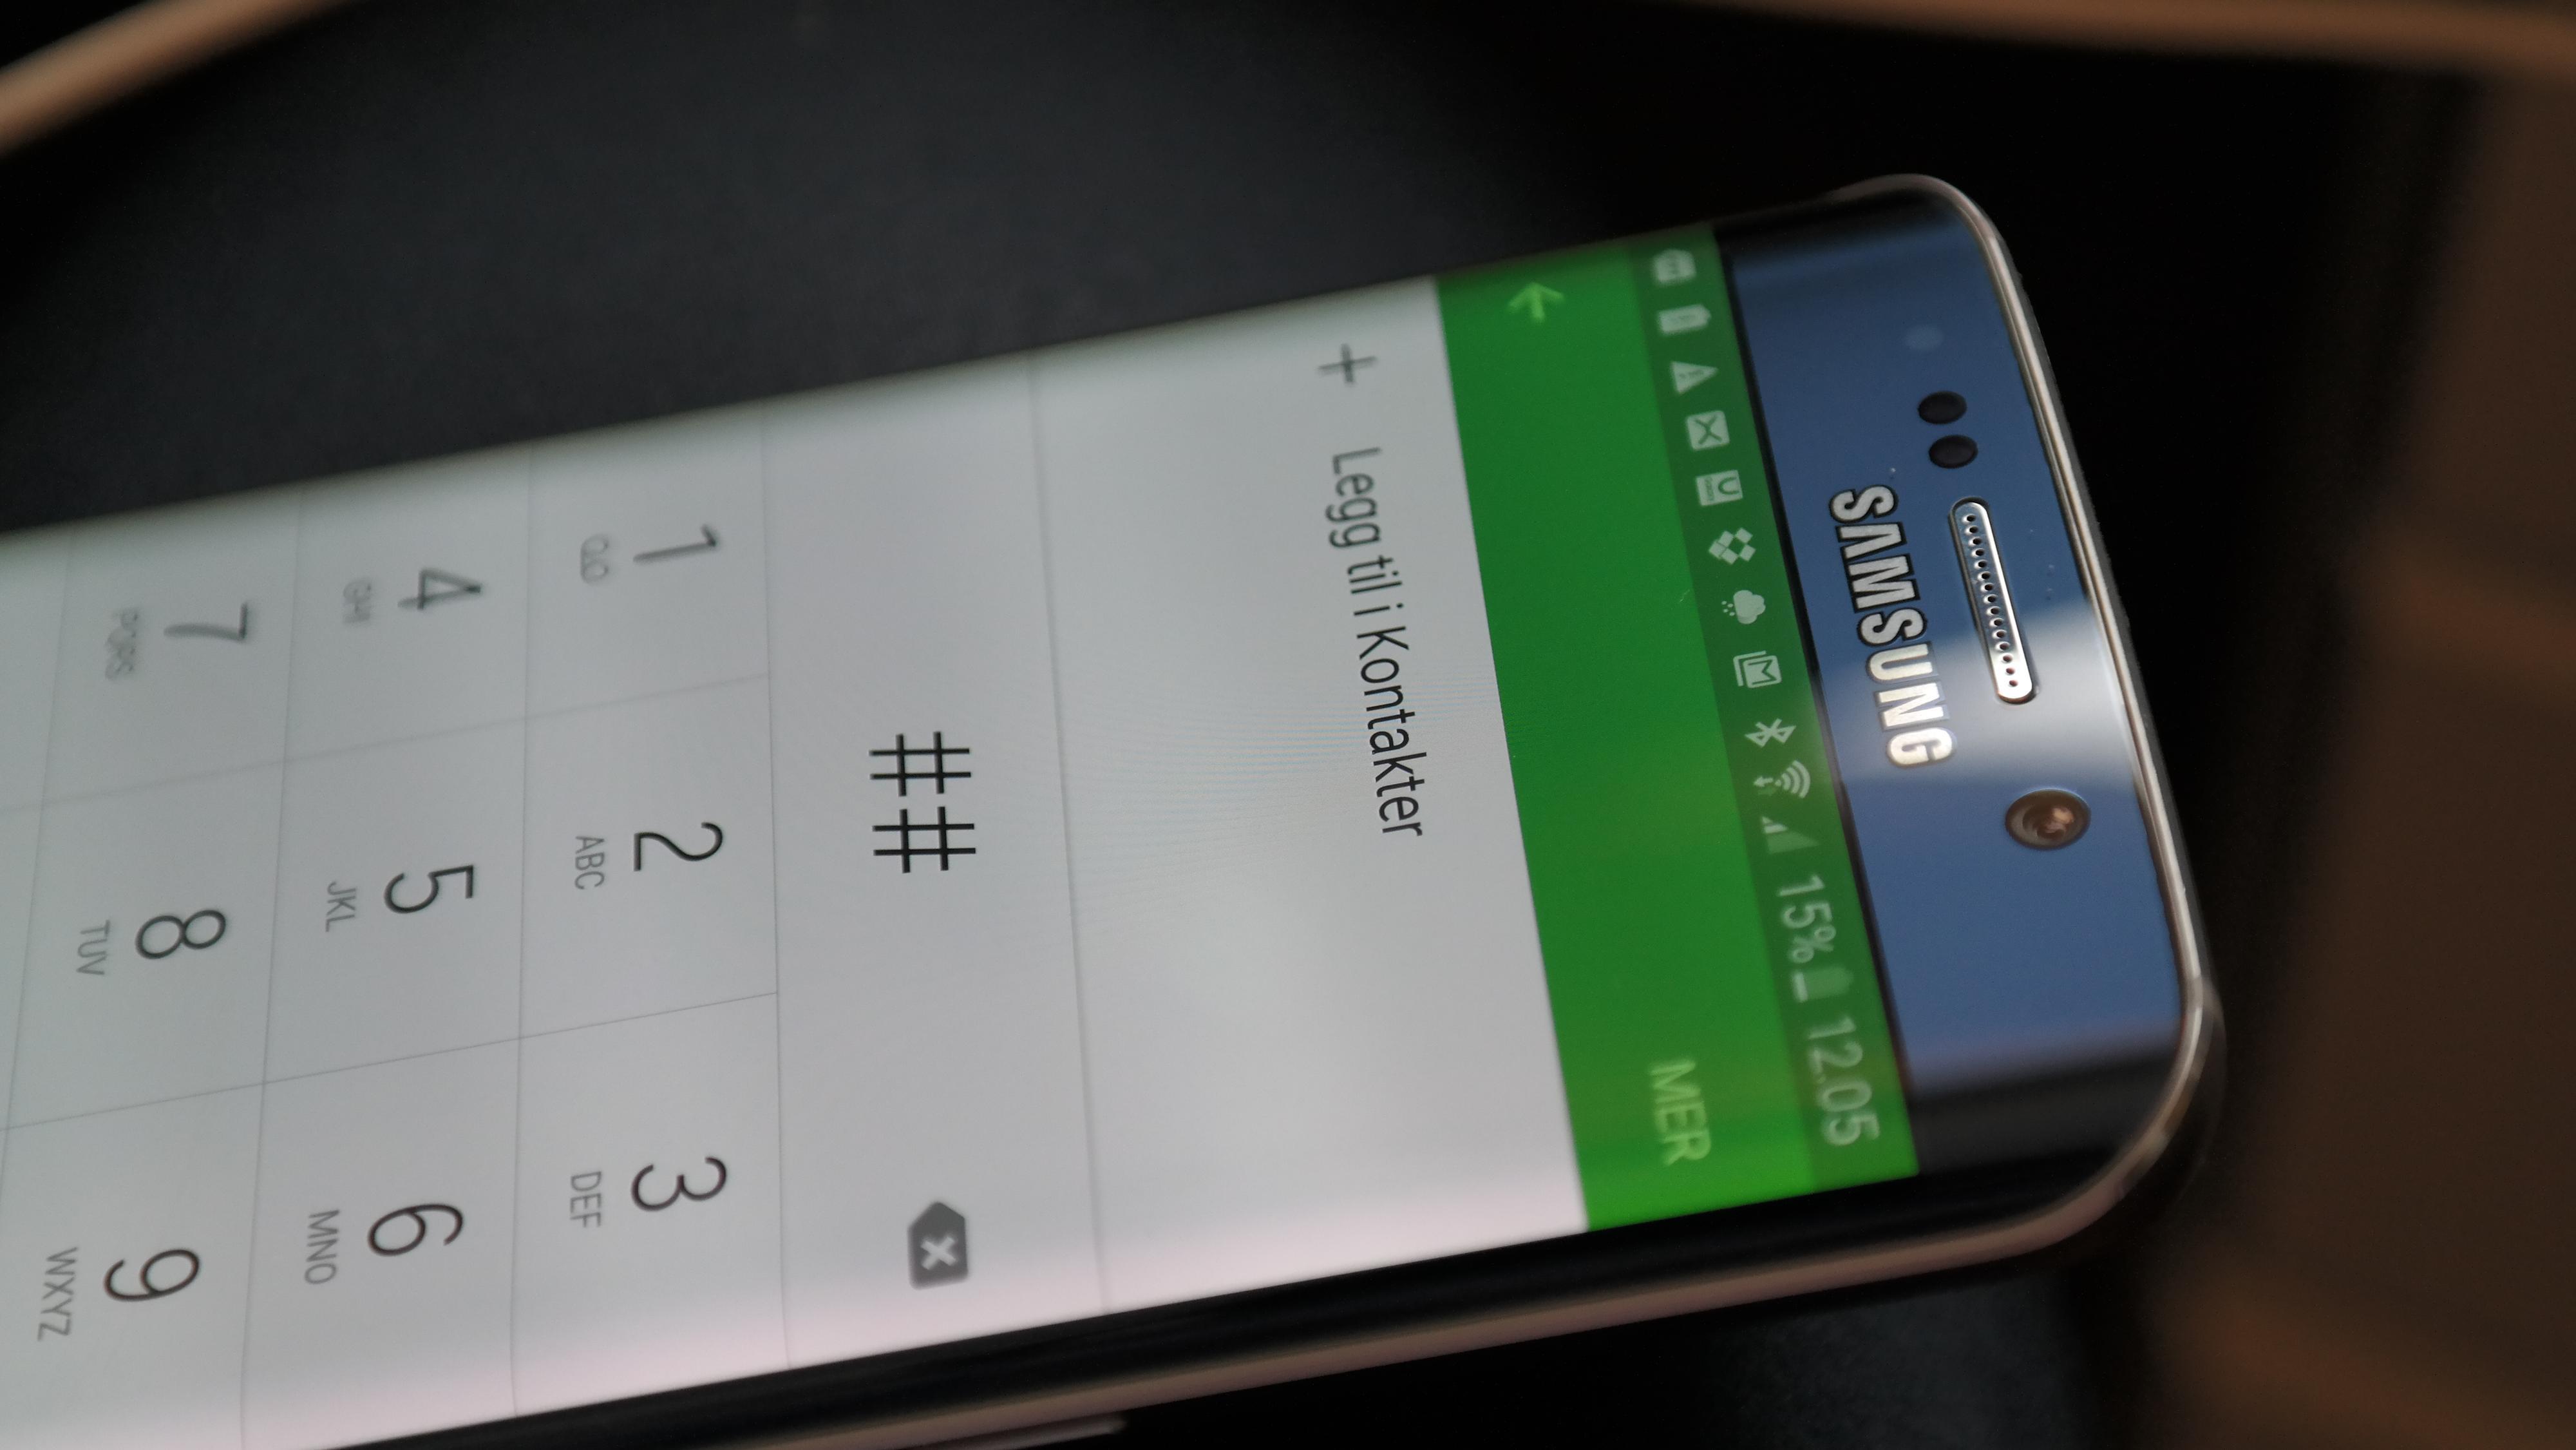 Med sin buede skjerm blir Galaxy S6 Edge lagt merke til. Foto: Espen Irwing Swang, Tek.no